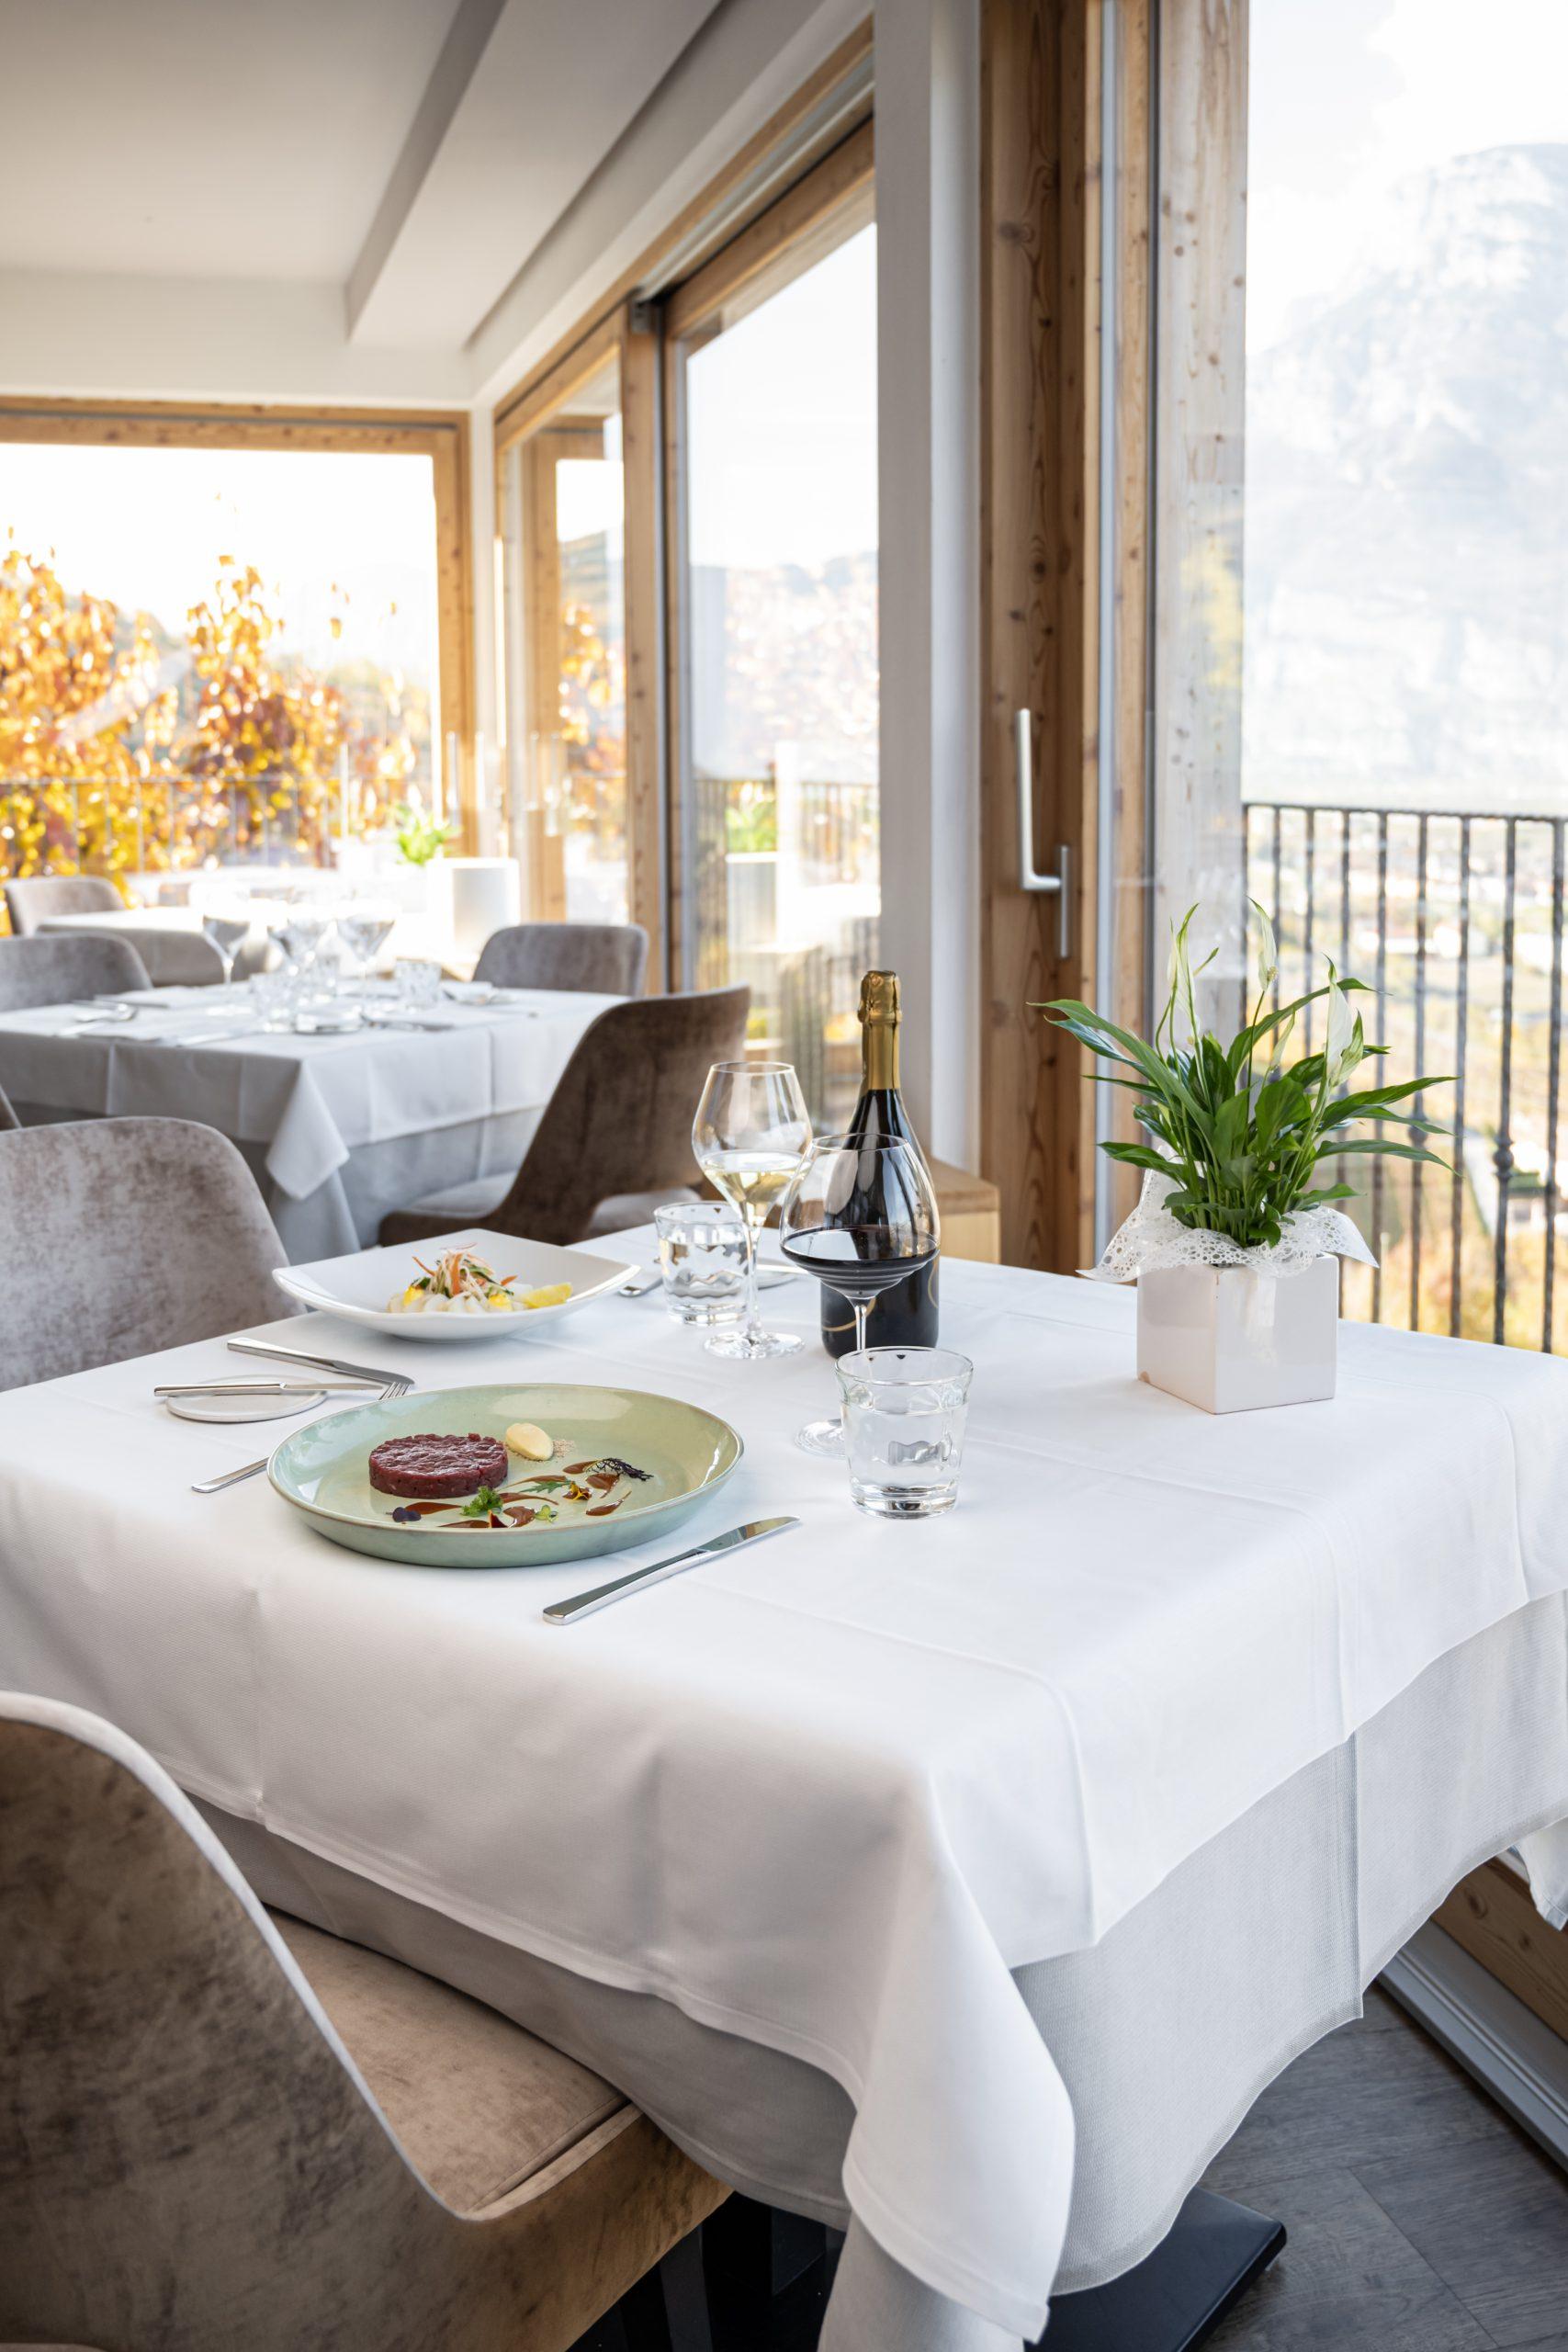 Pranzo con vista al ristorante Vecchia Sorni - Trentino